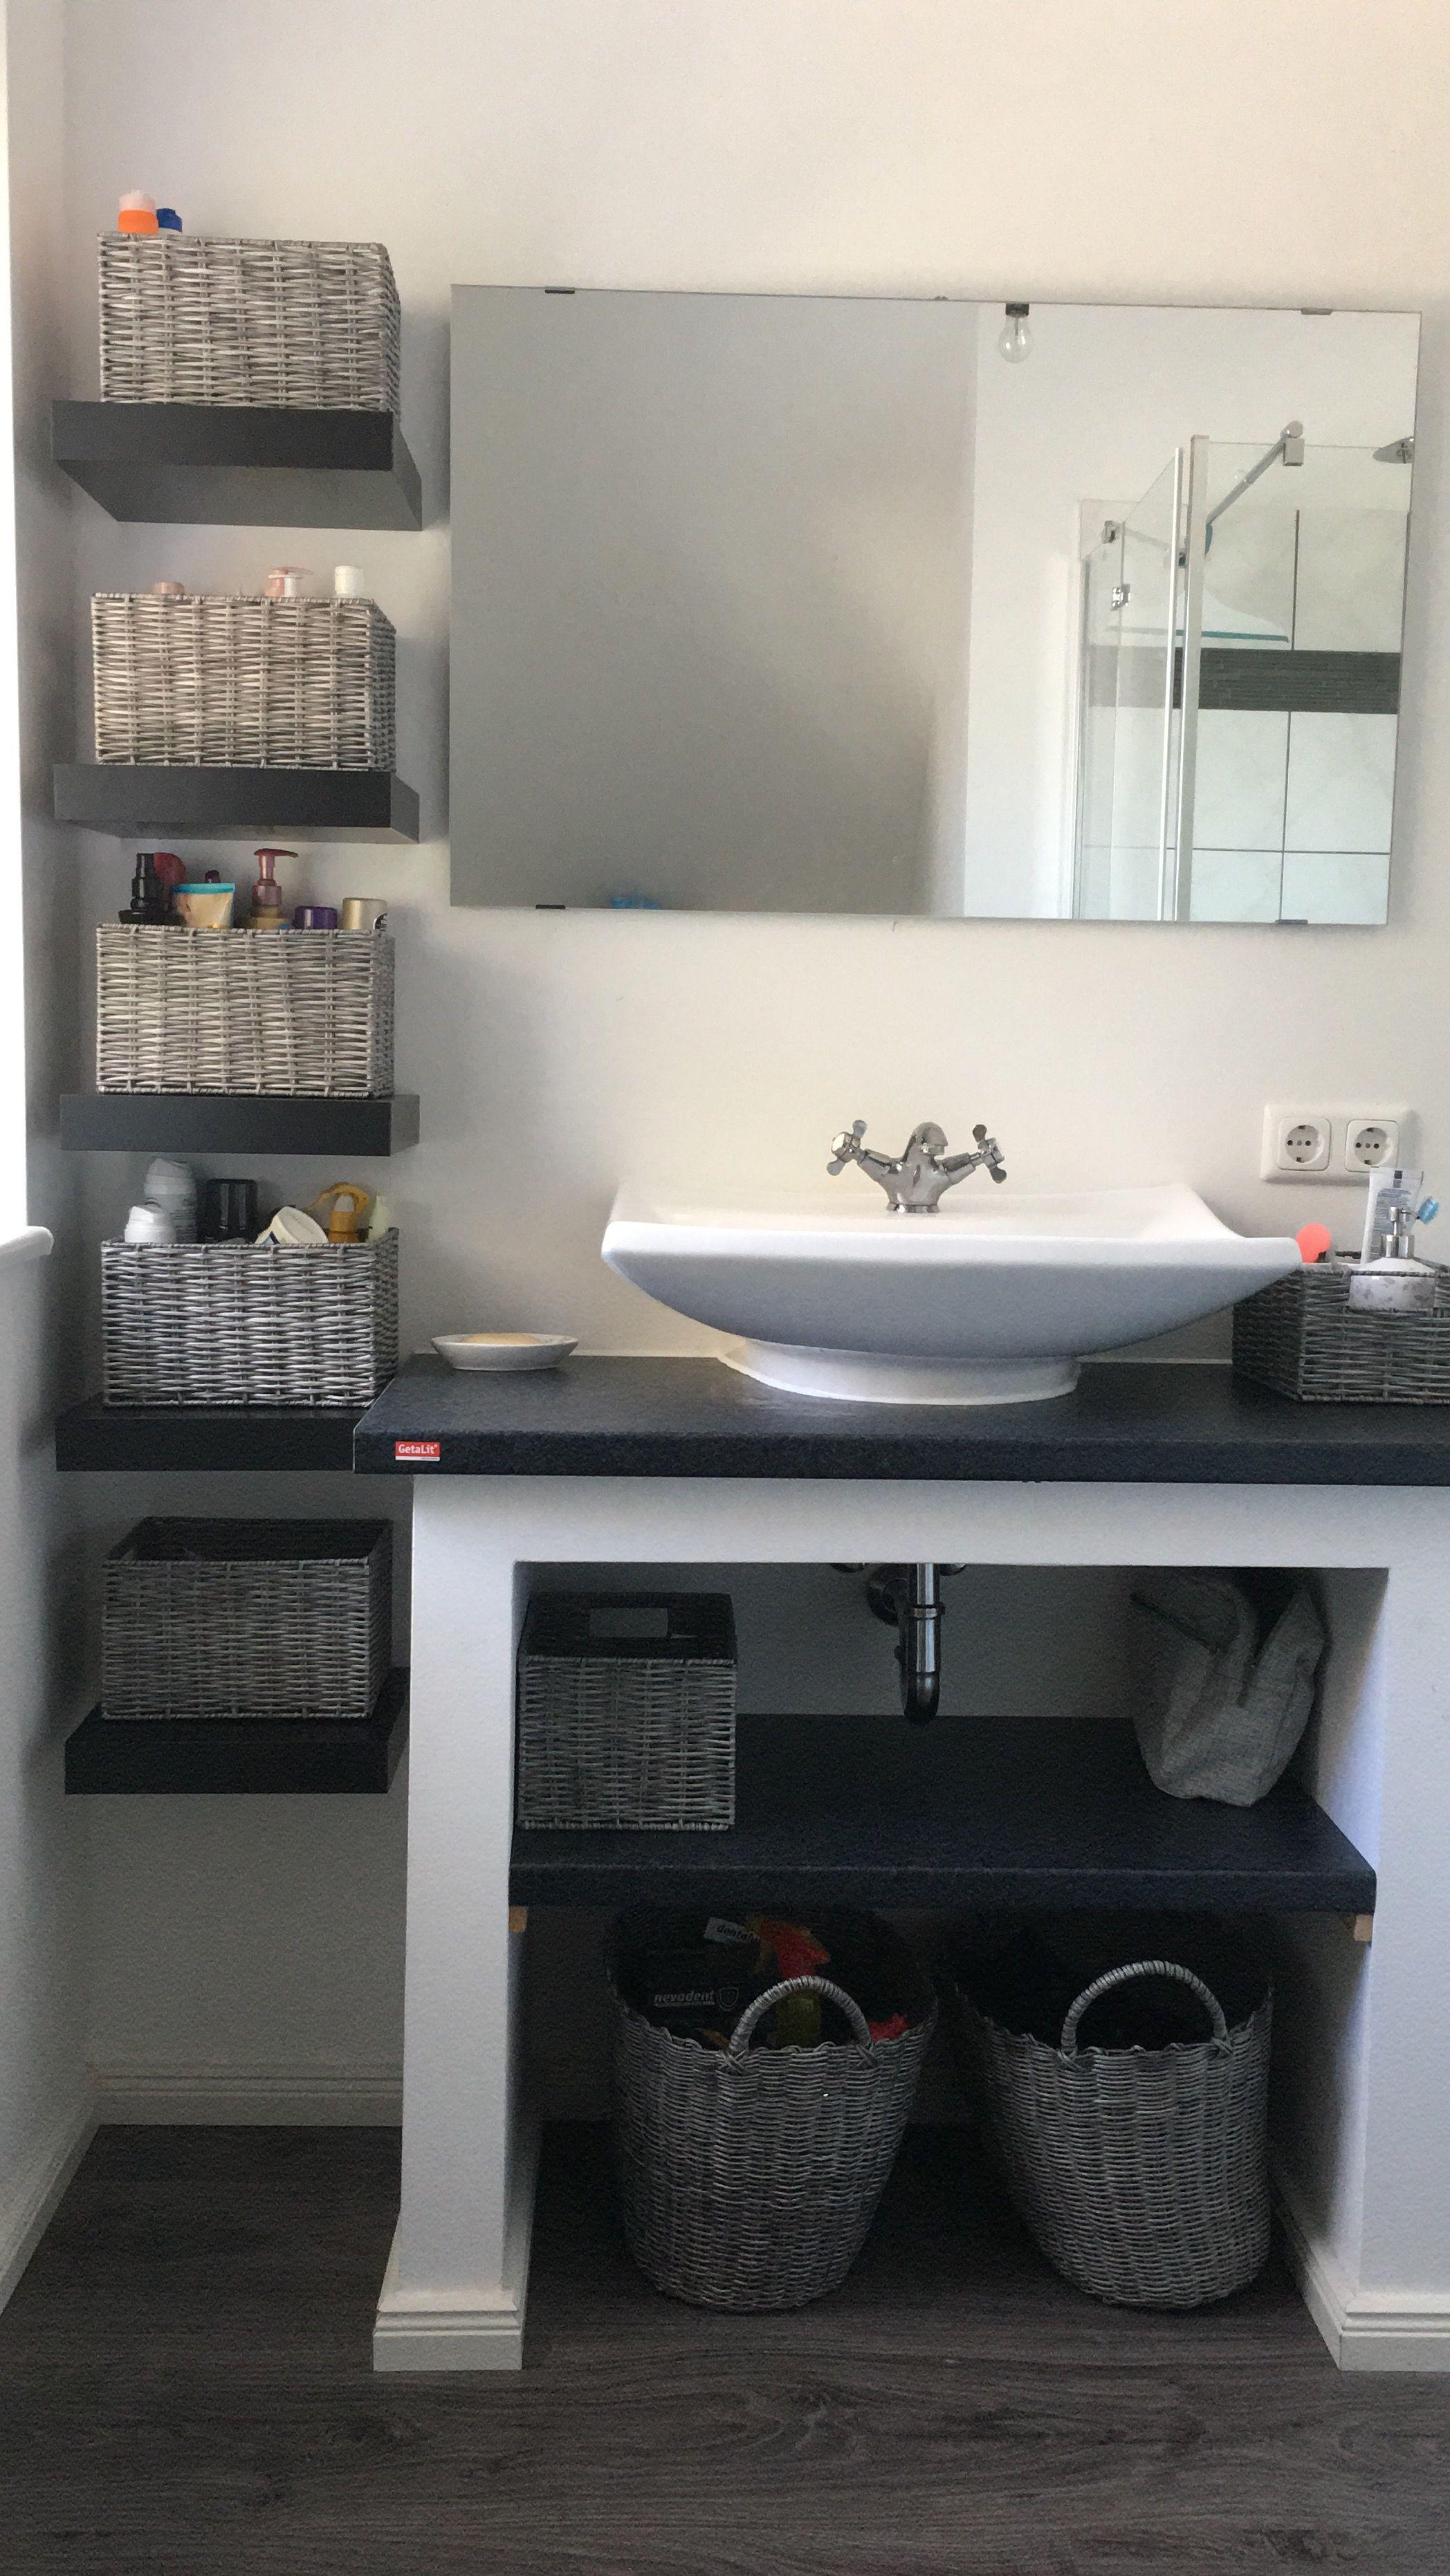 Homemade Badezimmer Regal Badezimmer Regal Kleines Bad Dekorieren Badezimmer Klein